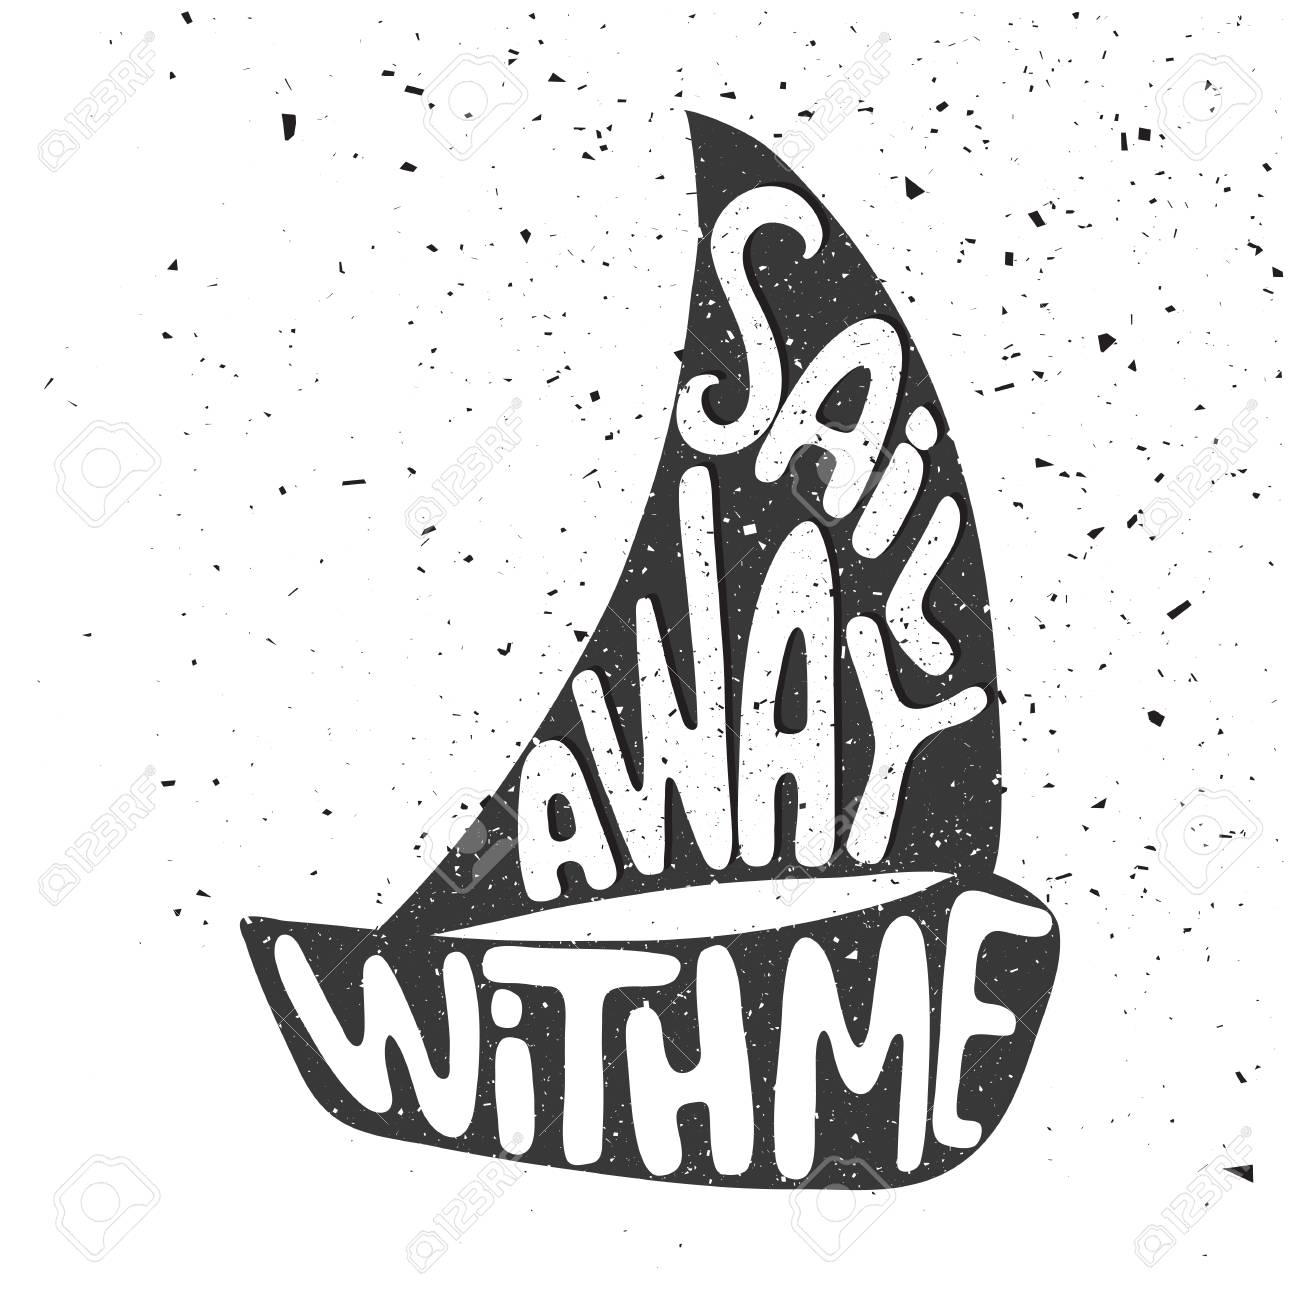 affiche de typographie dessiné main noir et blanc. naviguez avec moi